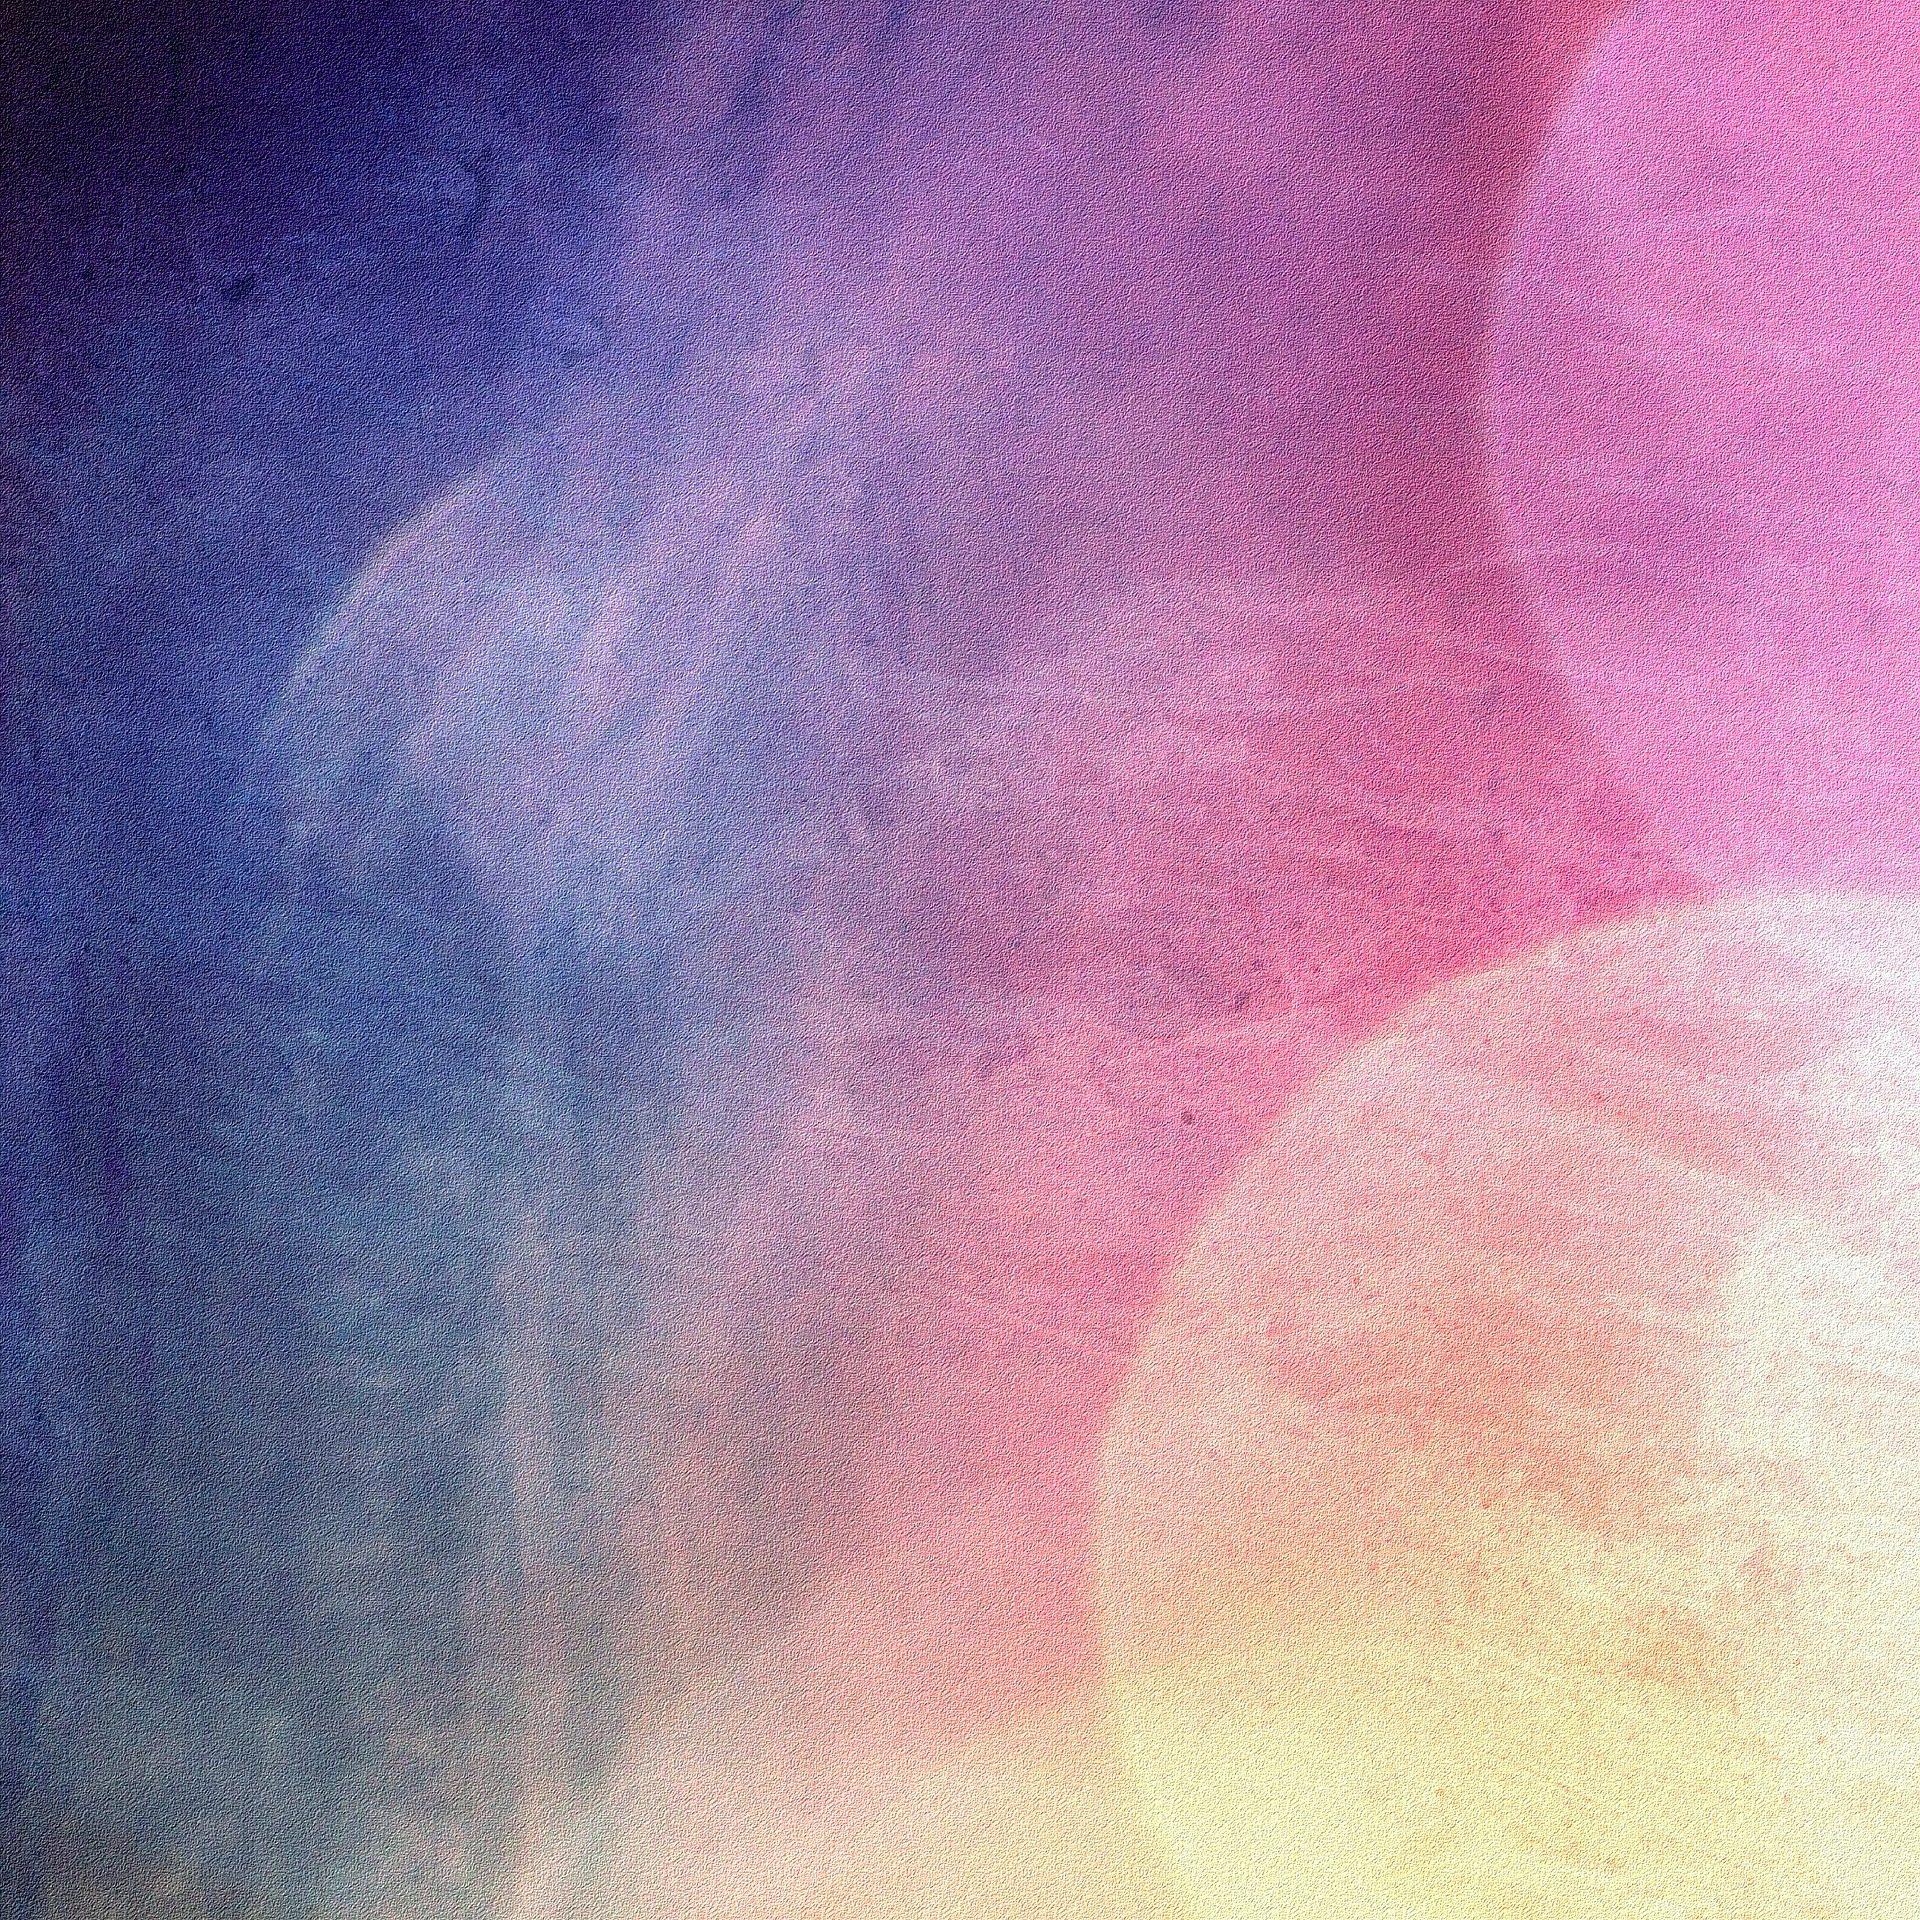 luzes, cores, halos, flashes, colorido - Papéis de parede HD - Professor-falken.com